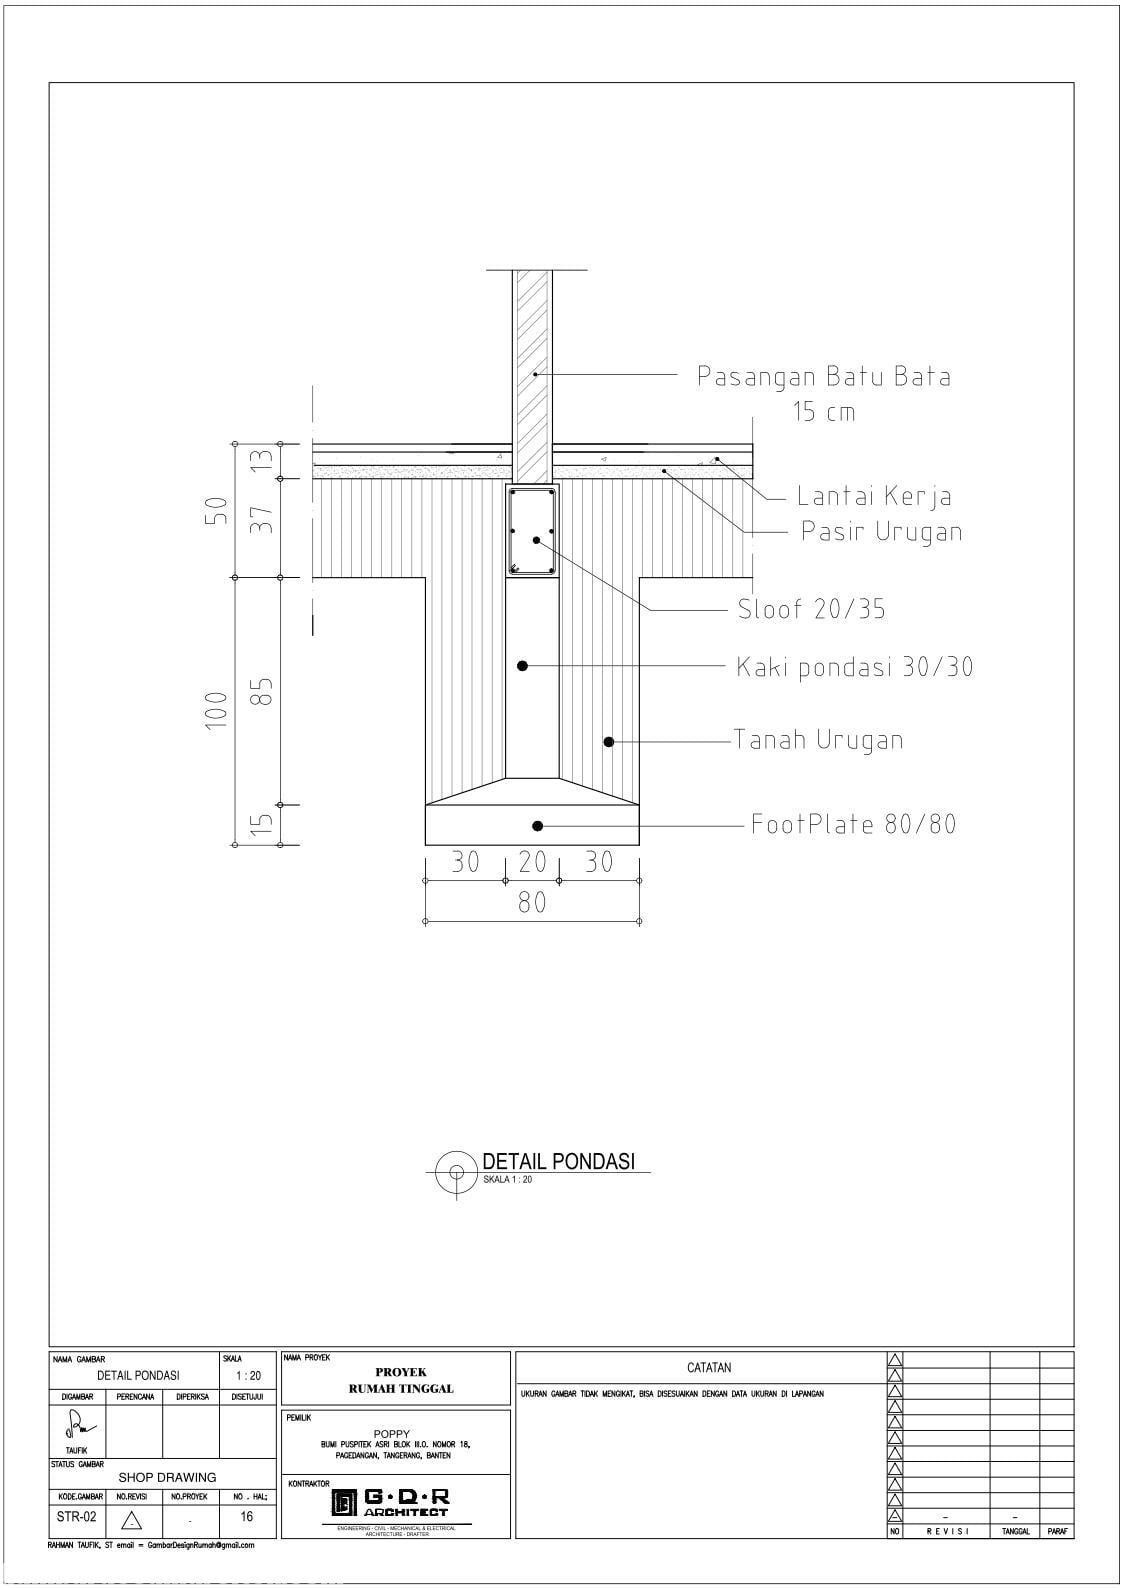 Jasa Desain Rumah Contoh Paket Gambar Kerja 16 DETAIL PONDASI